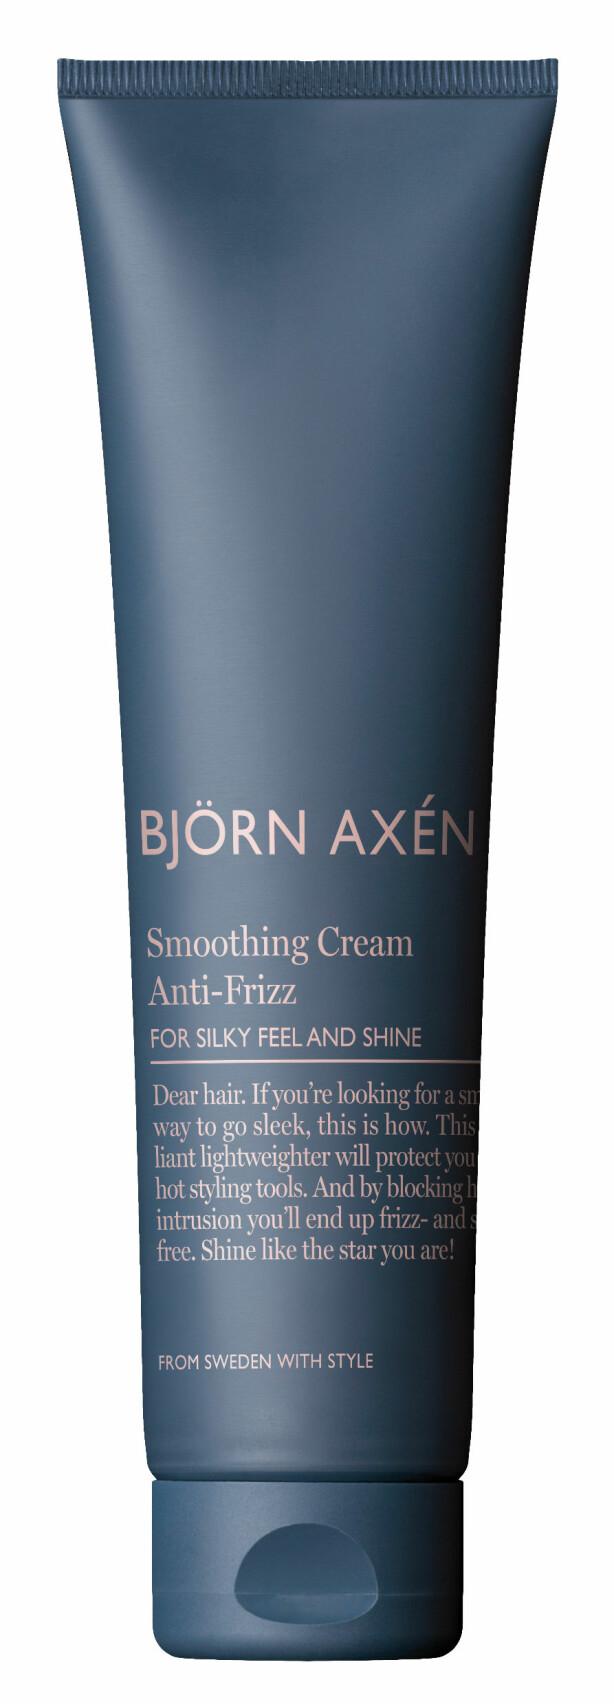 Med varmebeskyttelse og pleiende ingredienser for å beskytte håret (kr 130, Björn Axén, Smoothing Cream Anti Frizz).